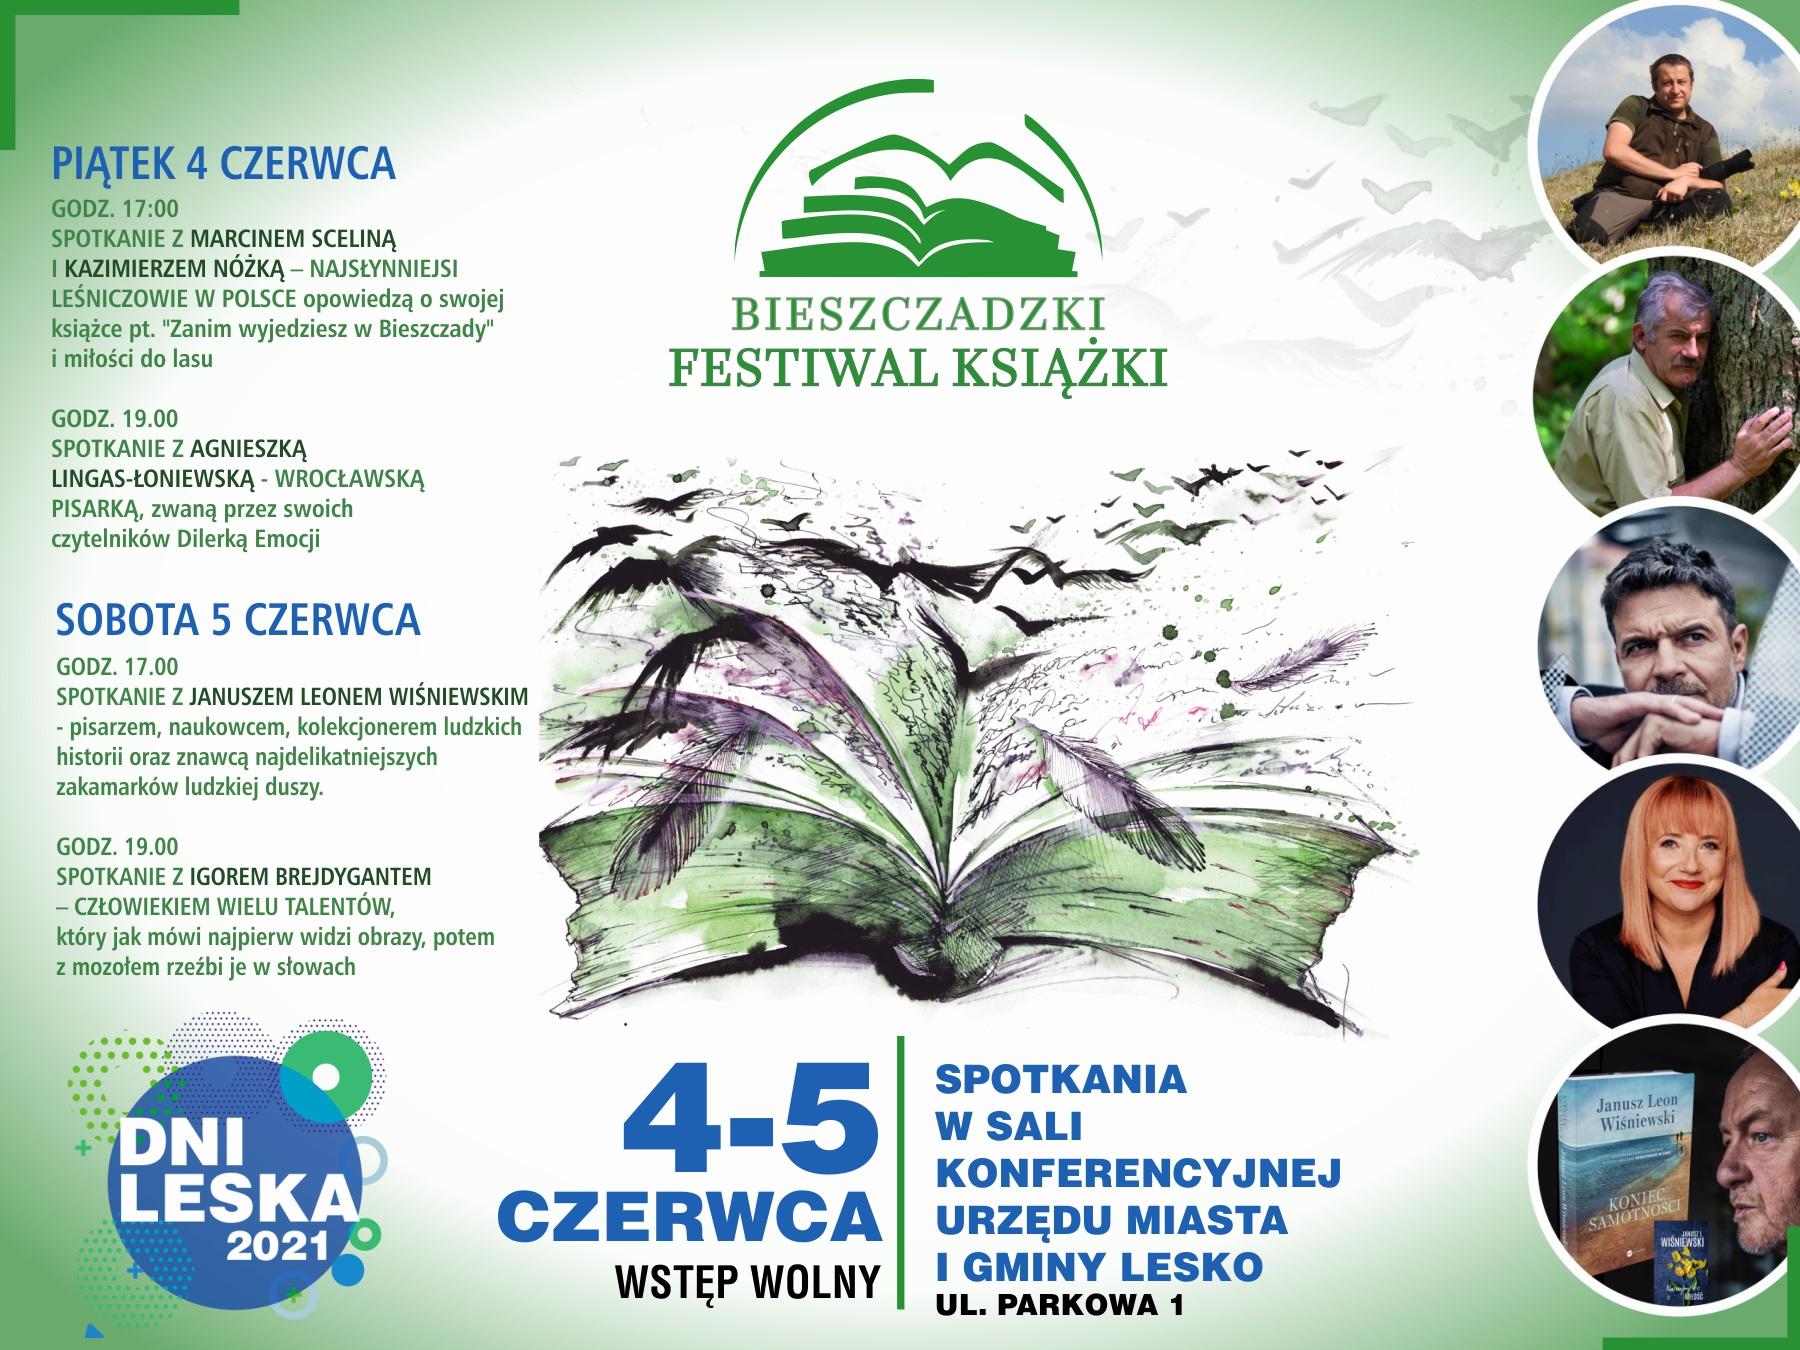 Lesko zaprasza na Bieszczadzki Festiwal Książki - Zdjęcie główne